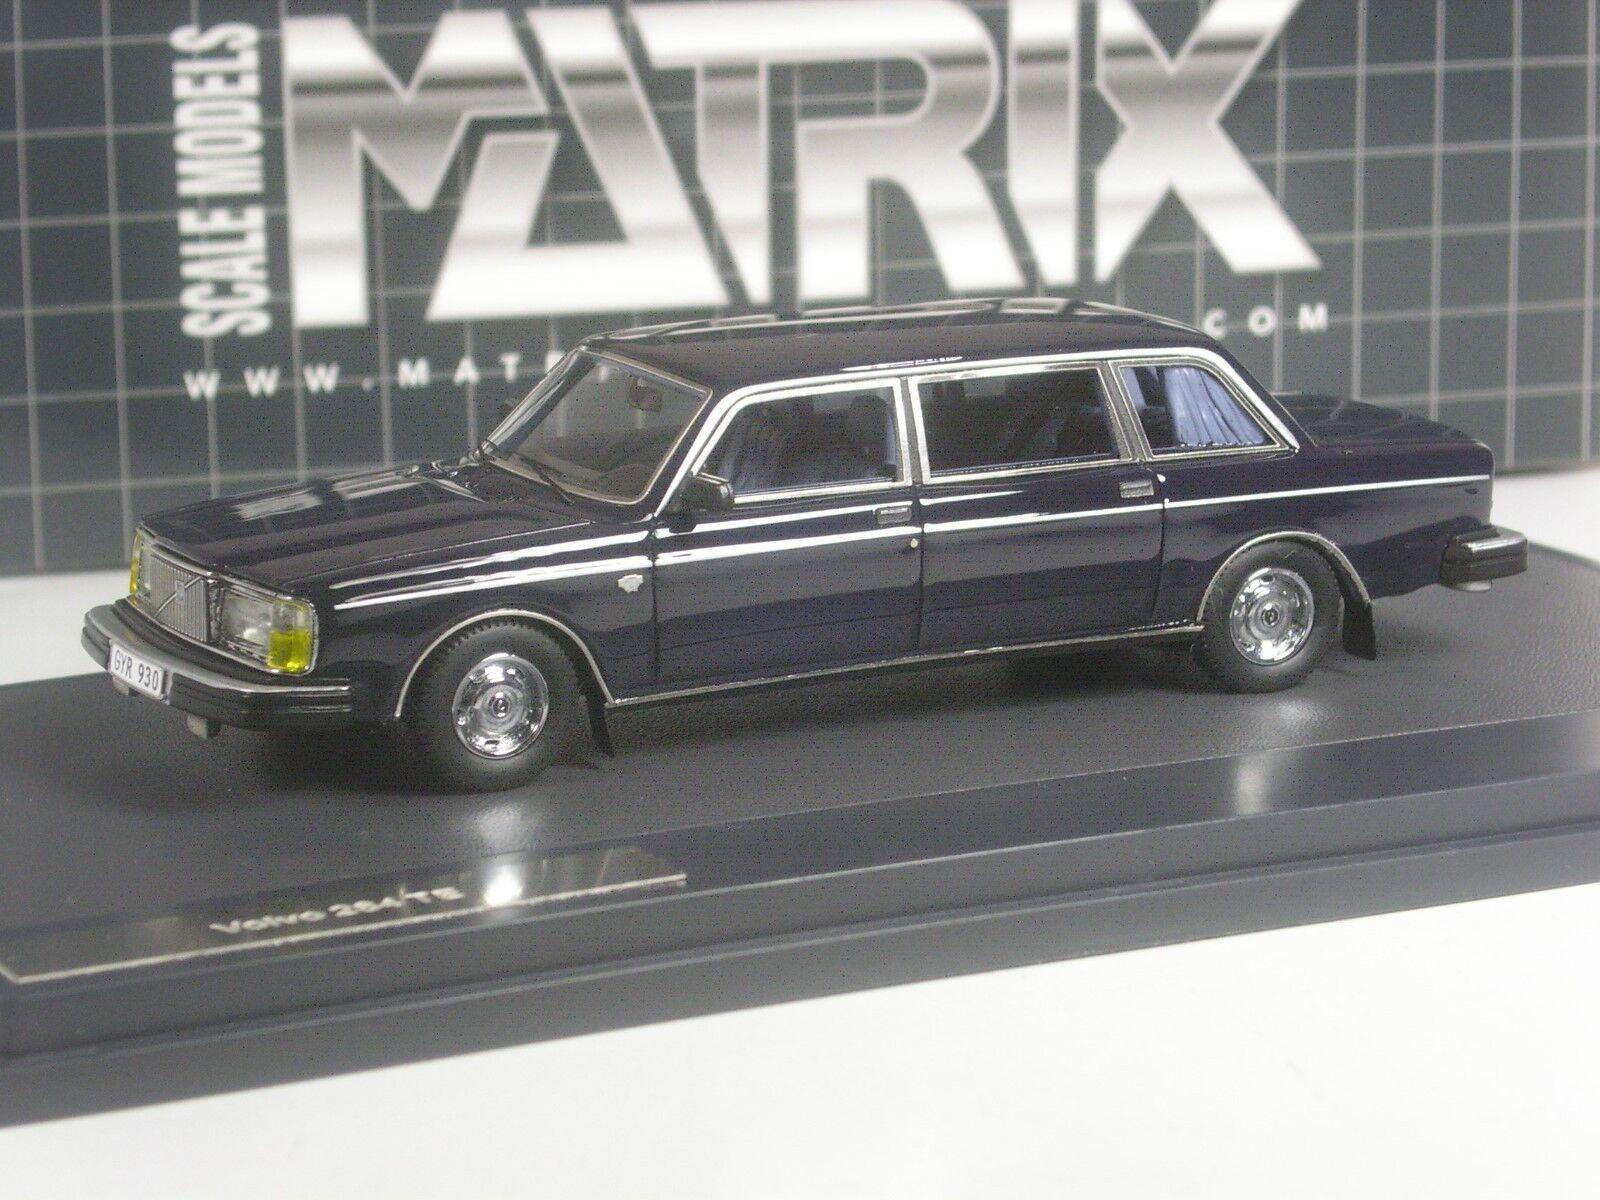 (KI-07-19) Matrix Volvo 264 TE 1978 dunkelblau in 1 43 in OVP